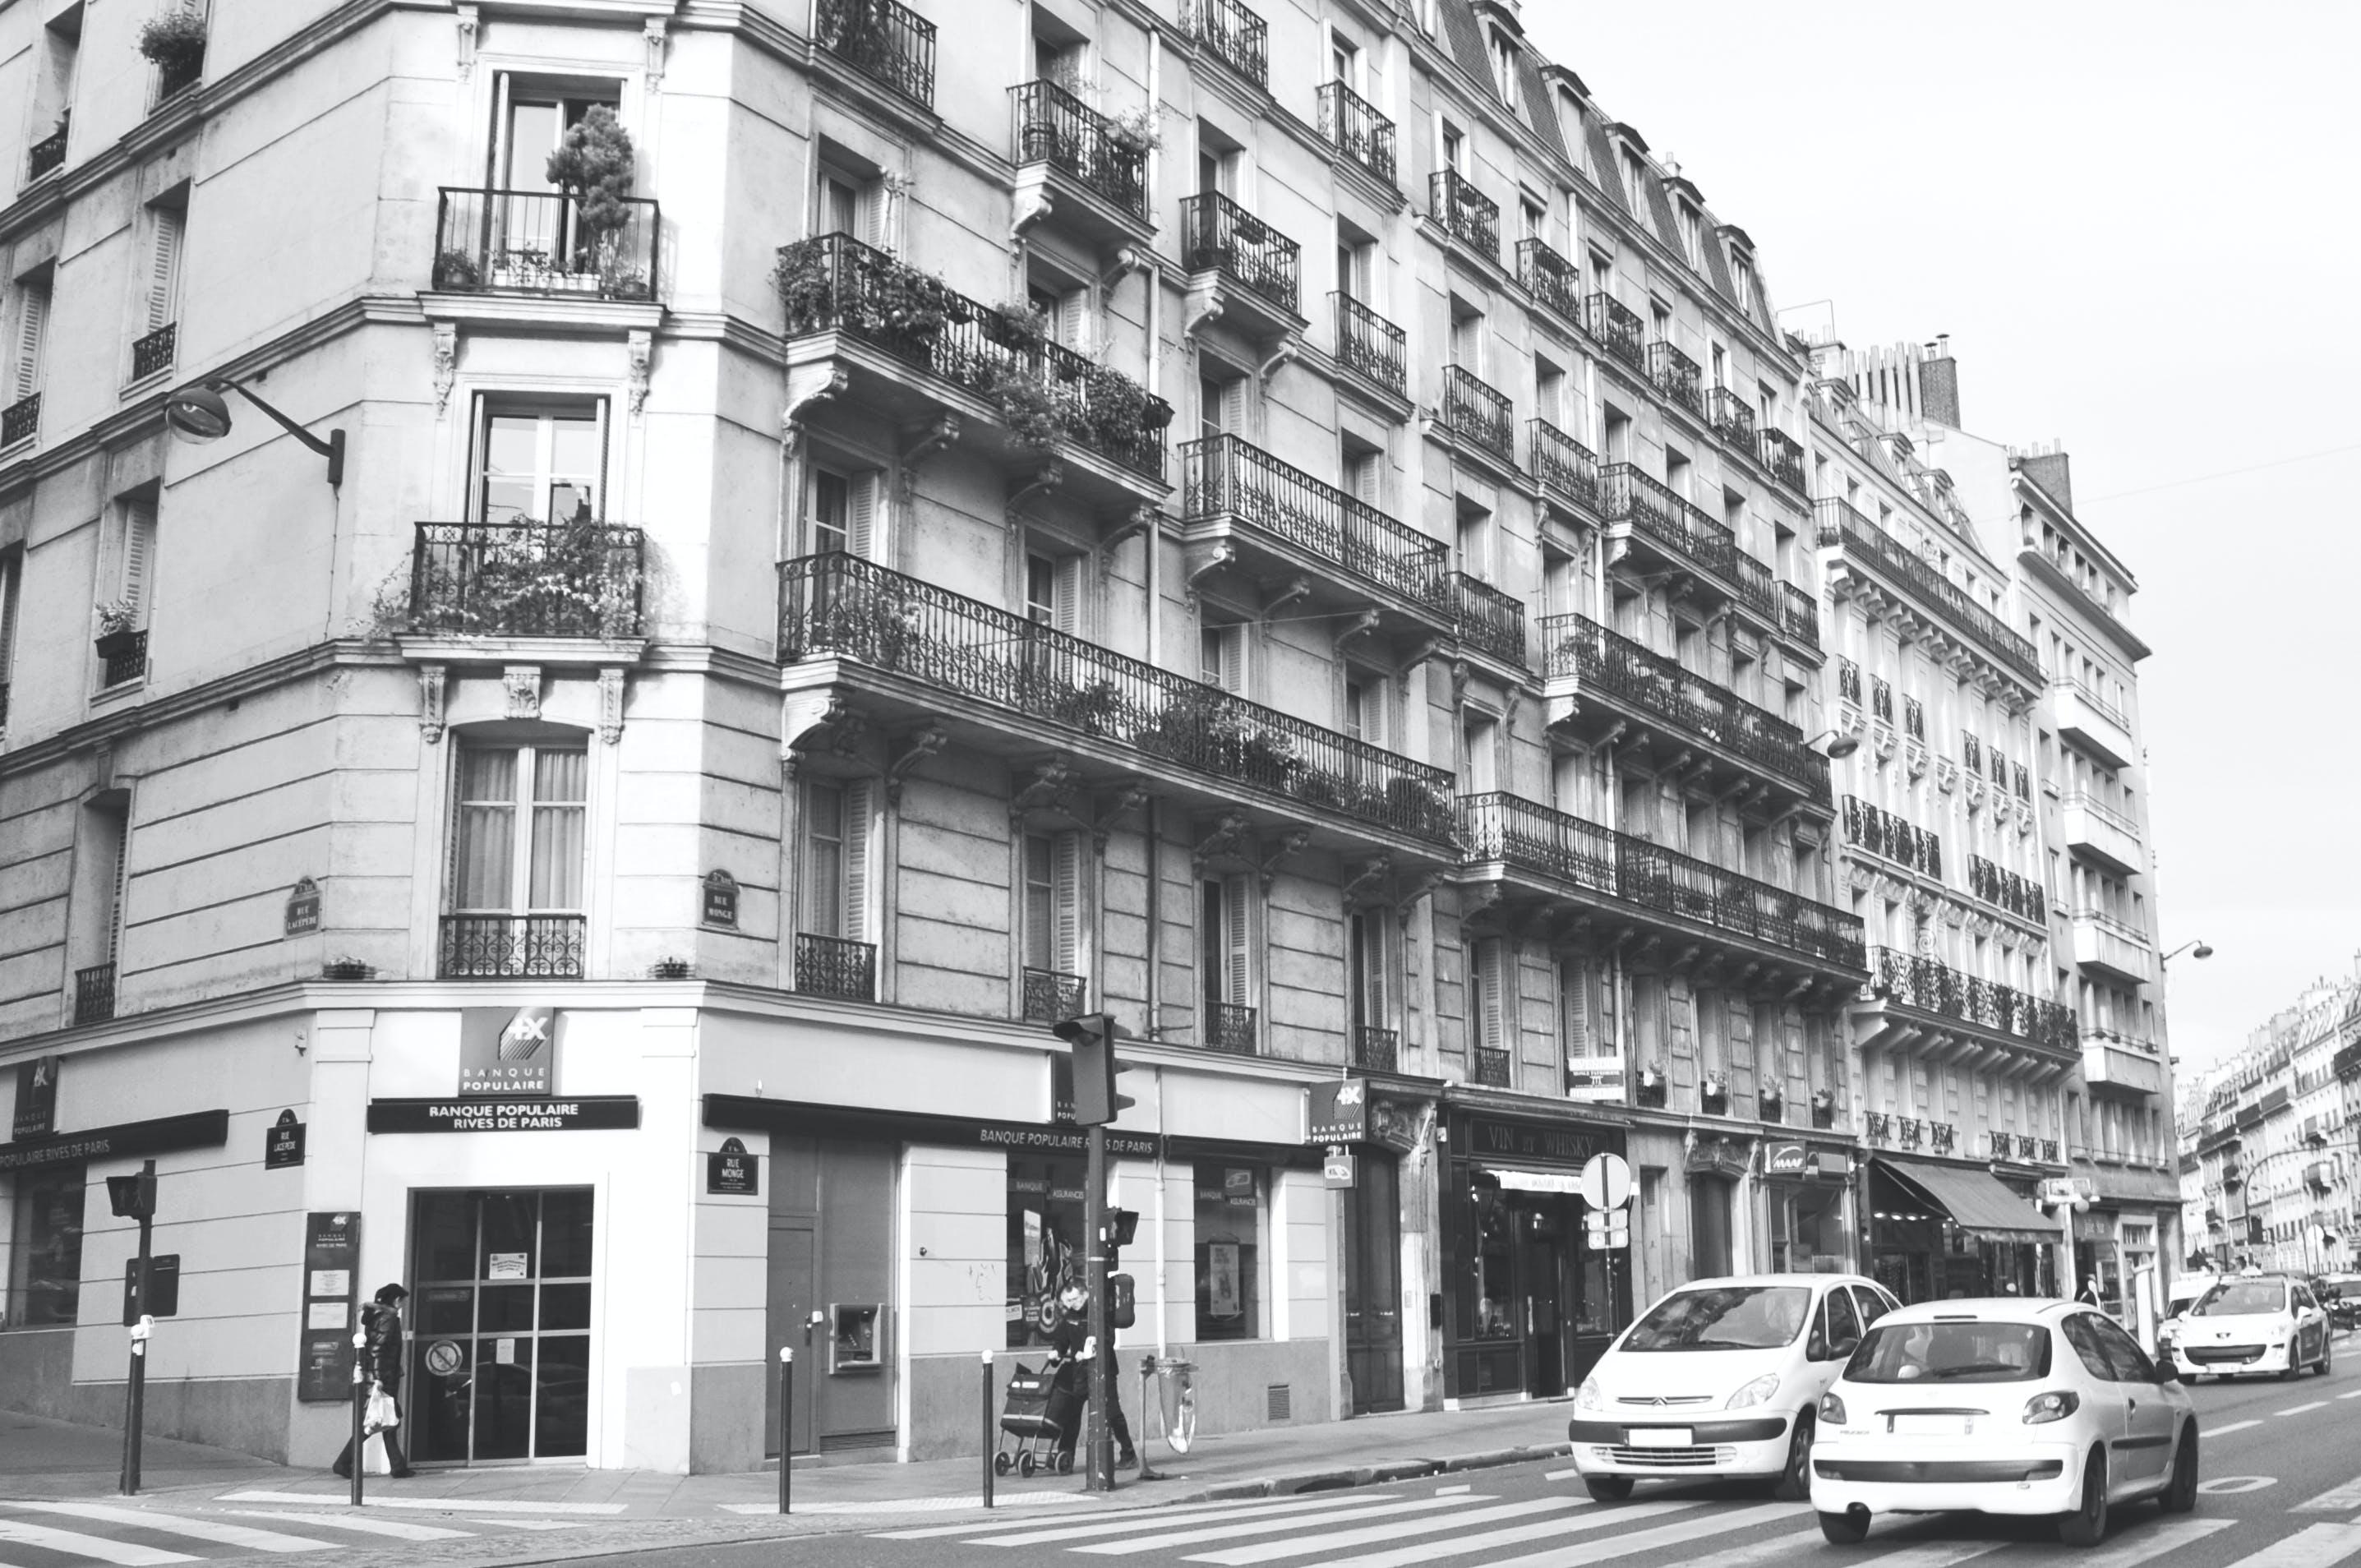 Foto stok gratis Apartemen, Arsitektur, fotografi sudut lebar, gedung apartemen